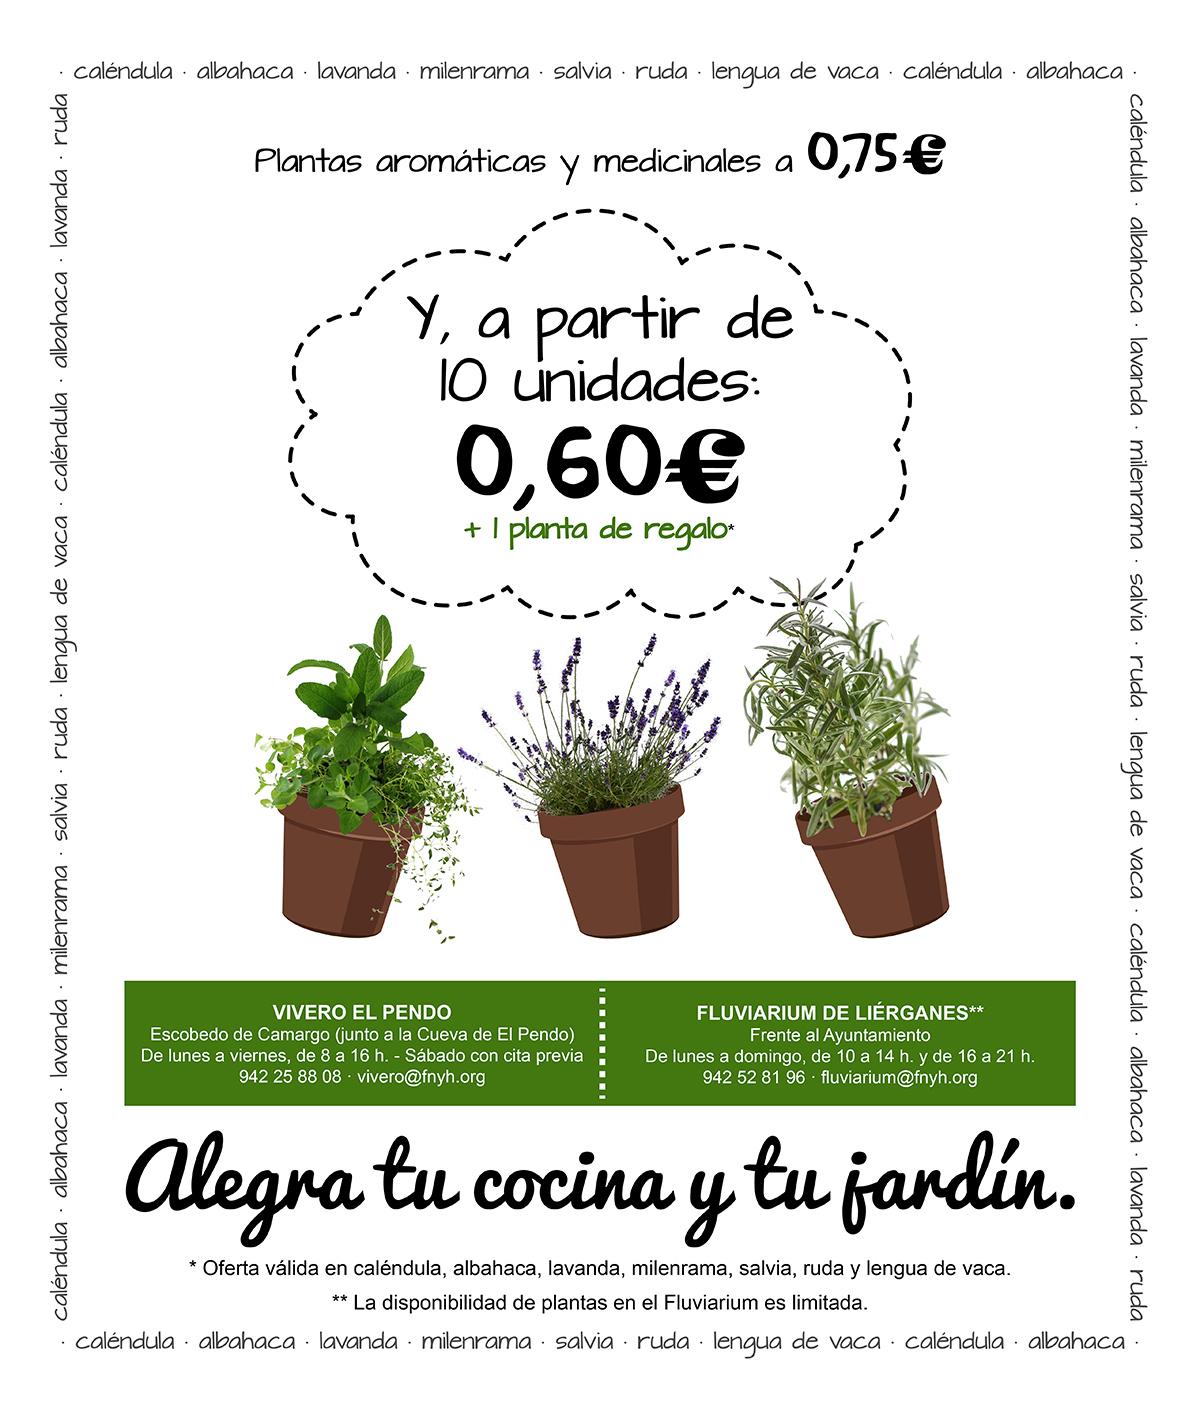 Oferta plantas aromáticas Vivero El Pendo